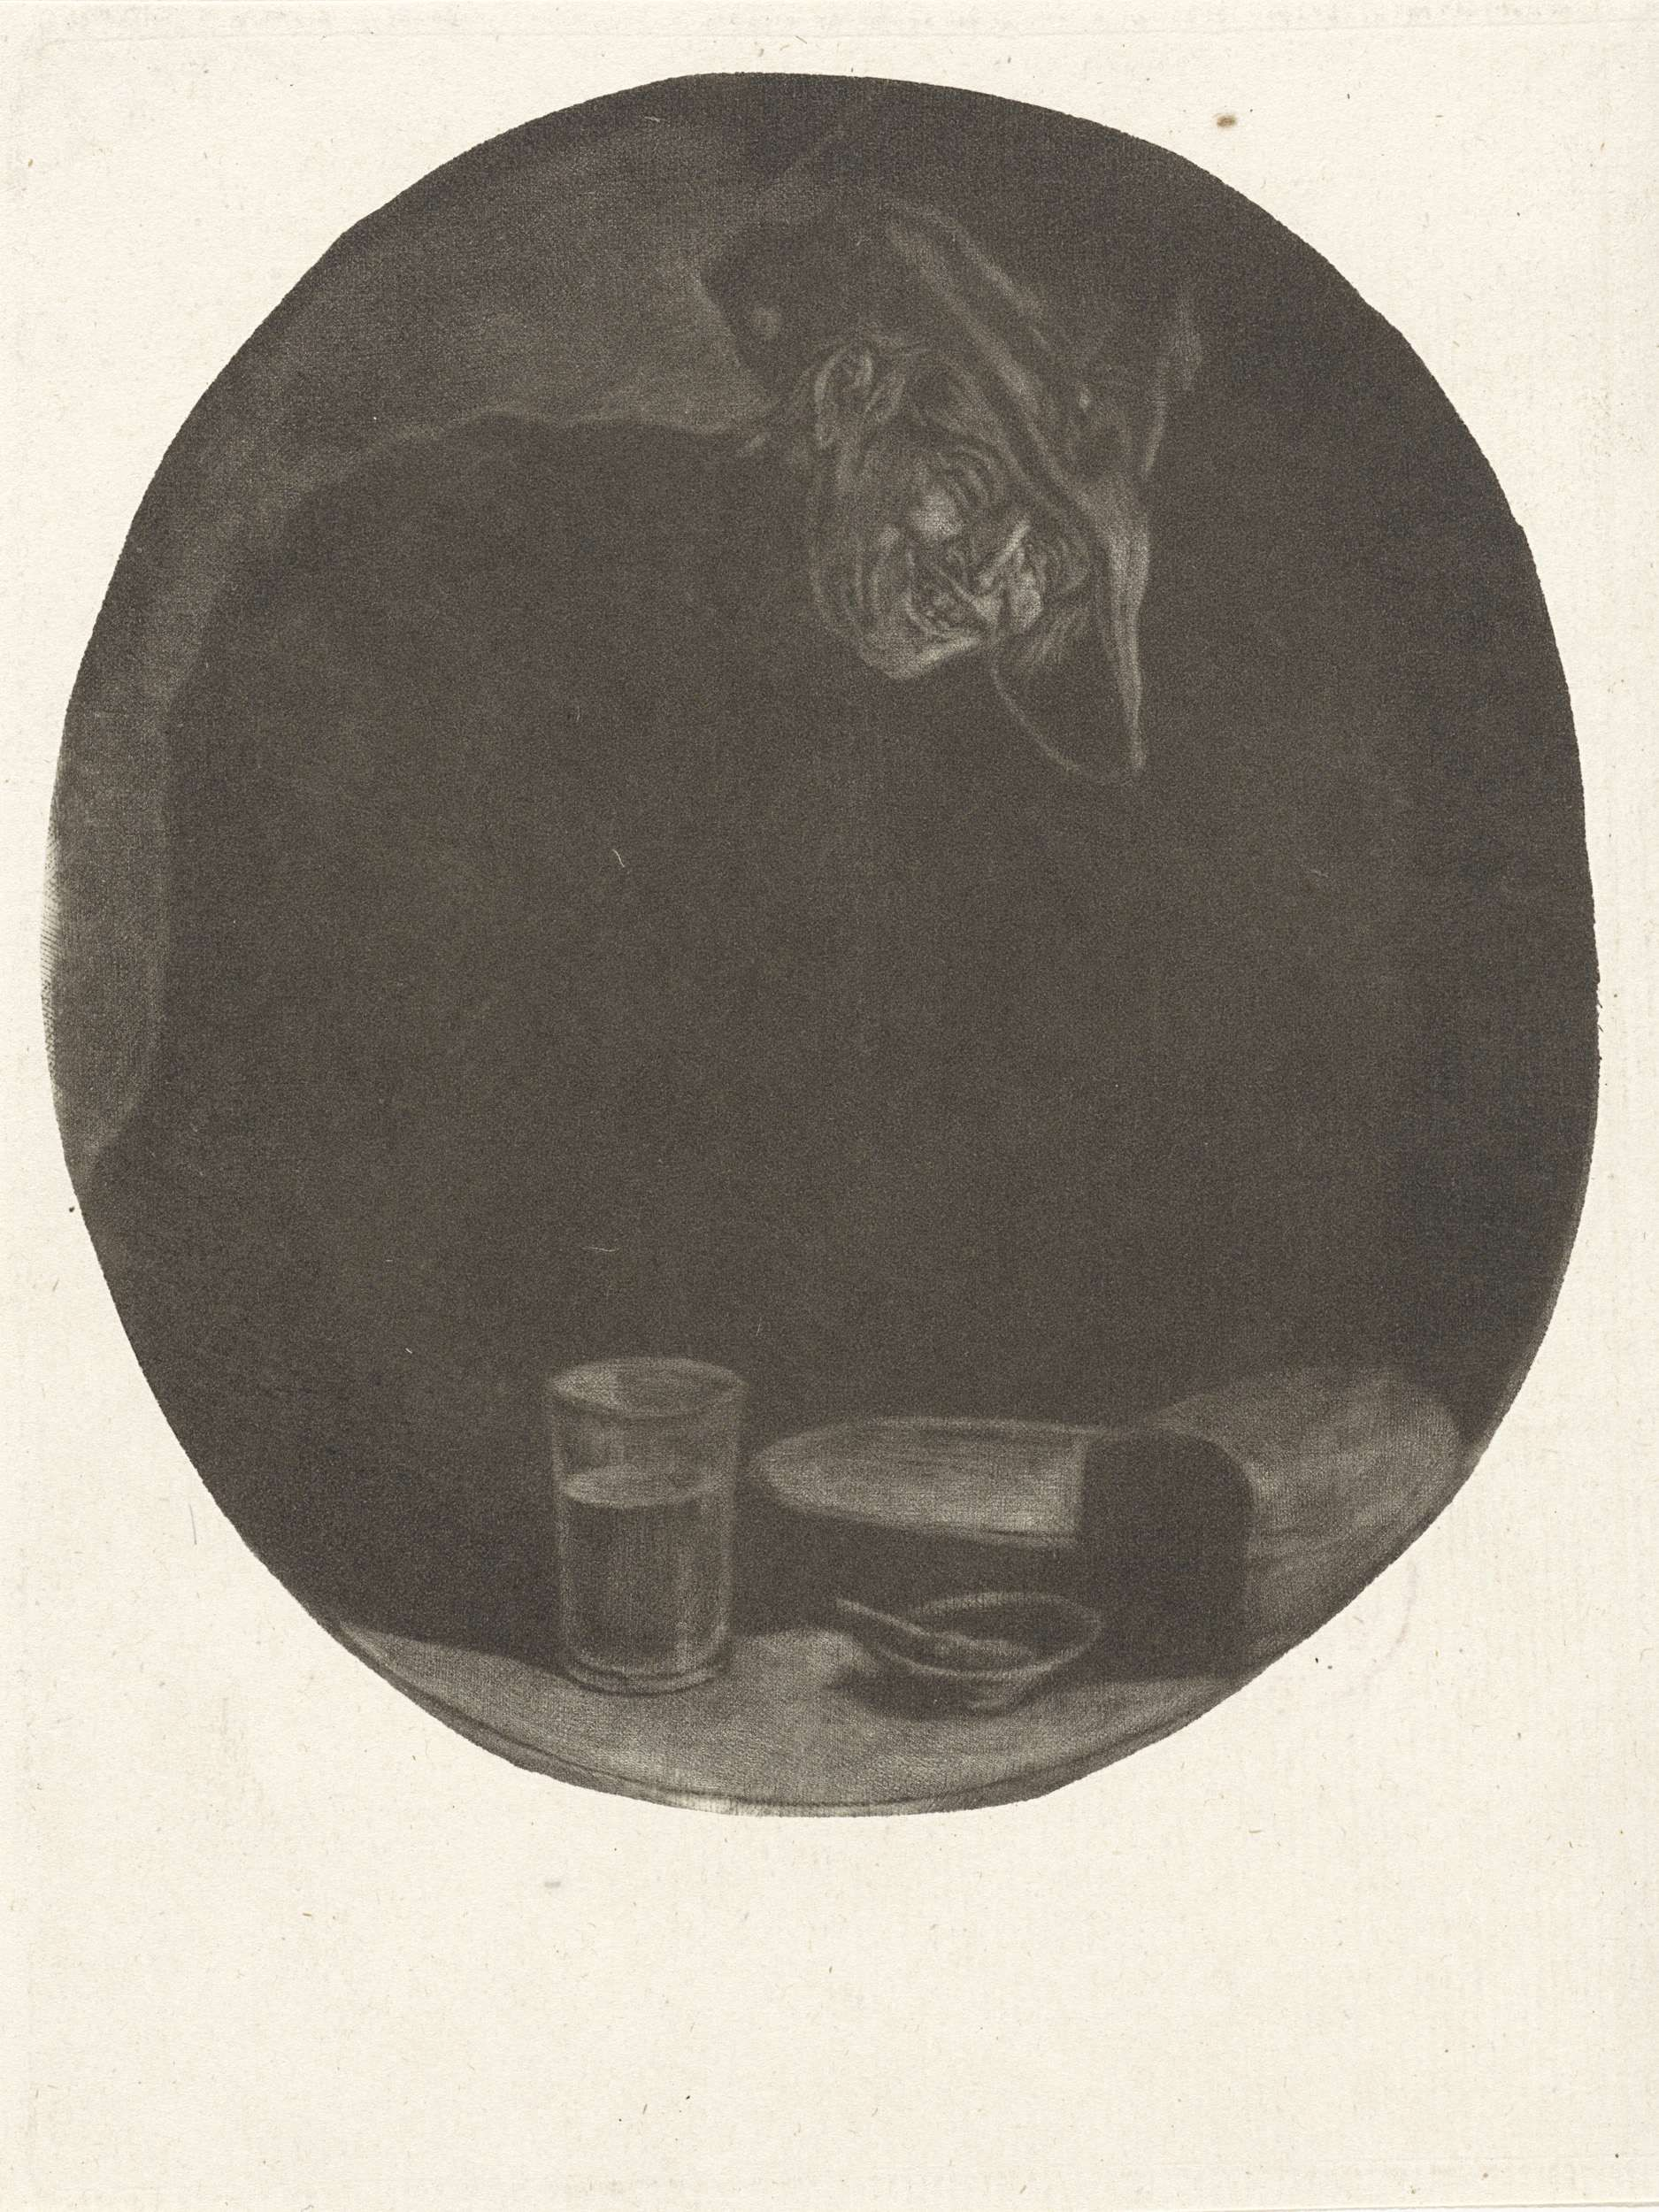 anoniem | Lachende boer, attributed to Jacob Gole, 1670 - 1724 | Een lachende boer bij een tafel waarop een glas, schotel en een kom.